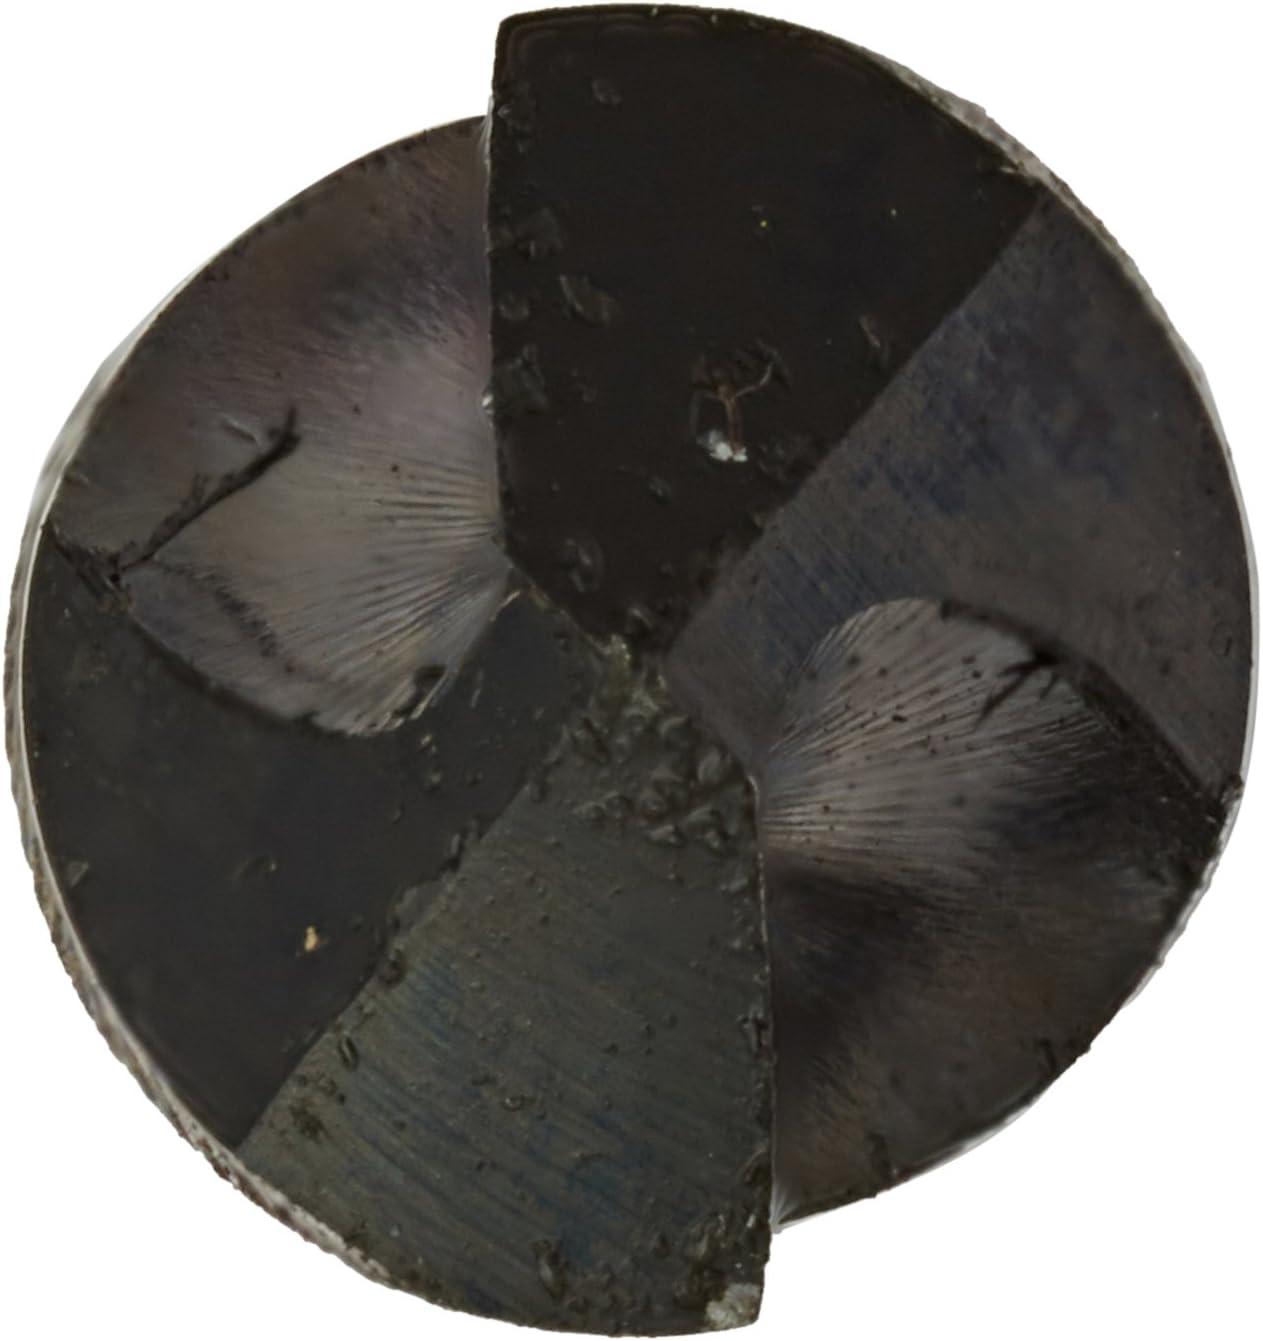 6-Pack Black Oxide Finish Triumph Twist Drill Co 057514 7//32 Diameter T6HH High Speed Steel Drill